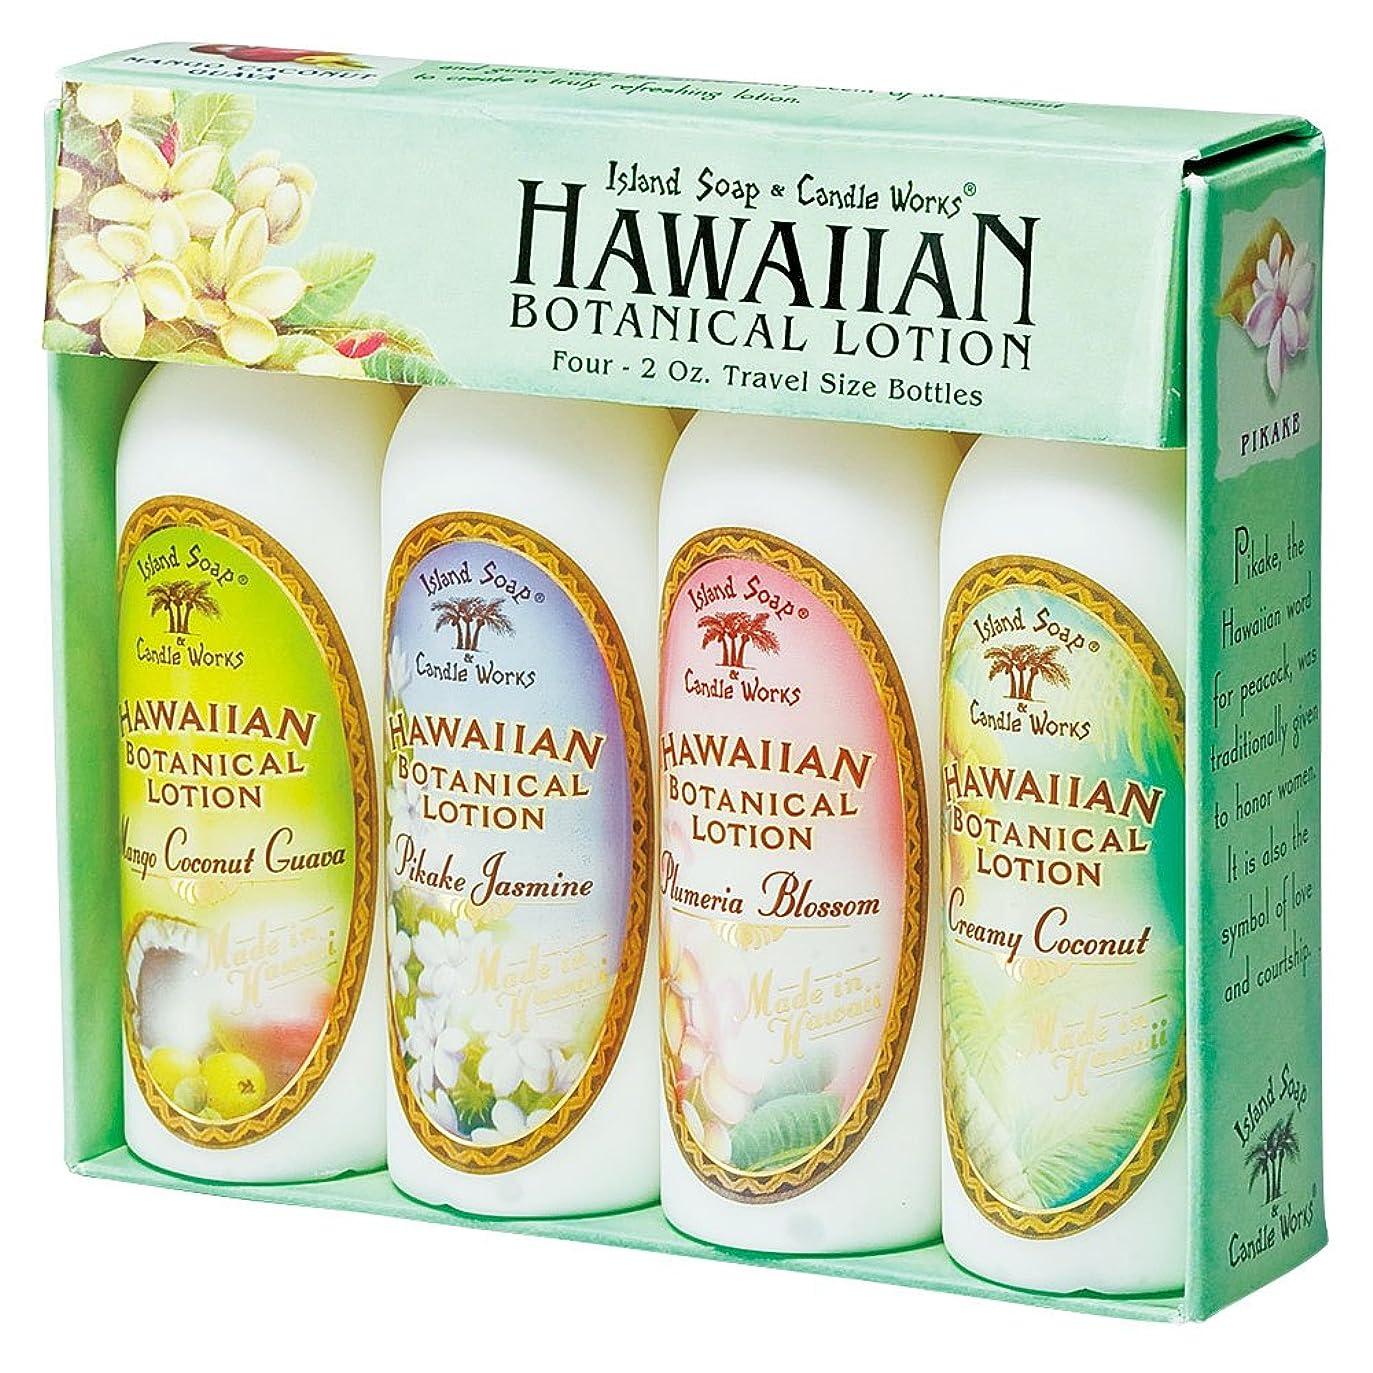 ウォルターカニンガムかまど協会ハワイお土産 ハワイアイランドソープ トロピカルローション ミニ 4種セット